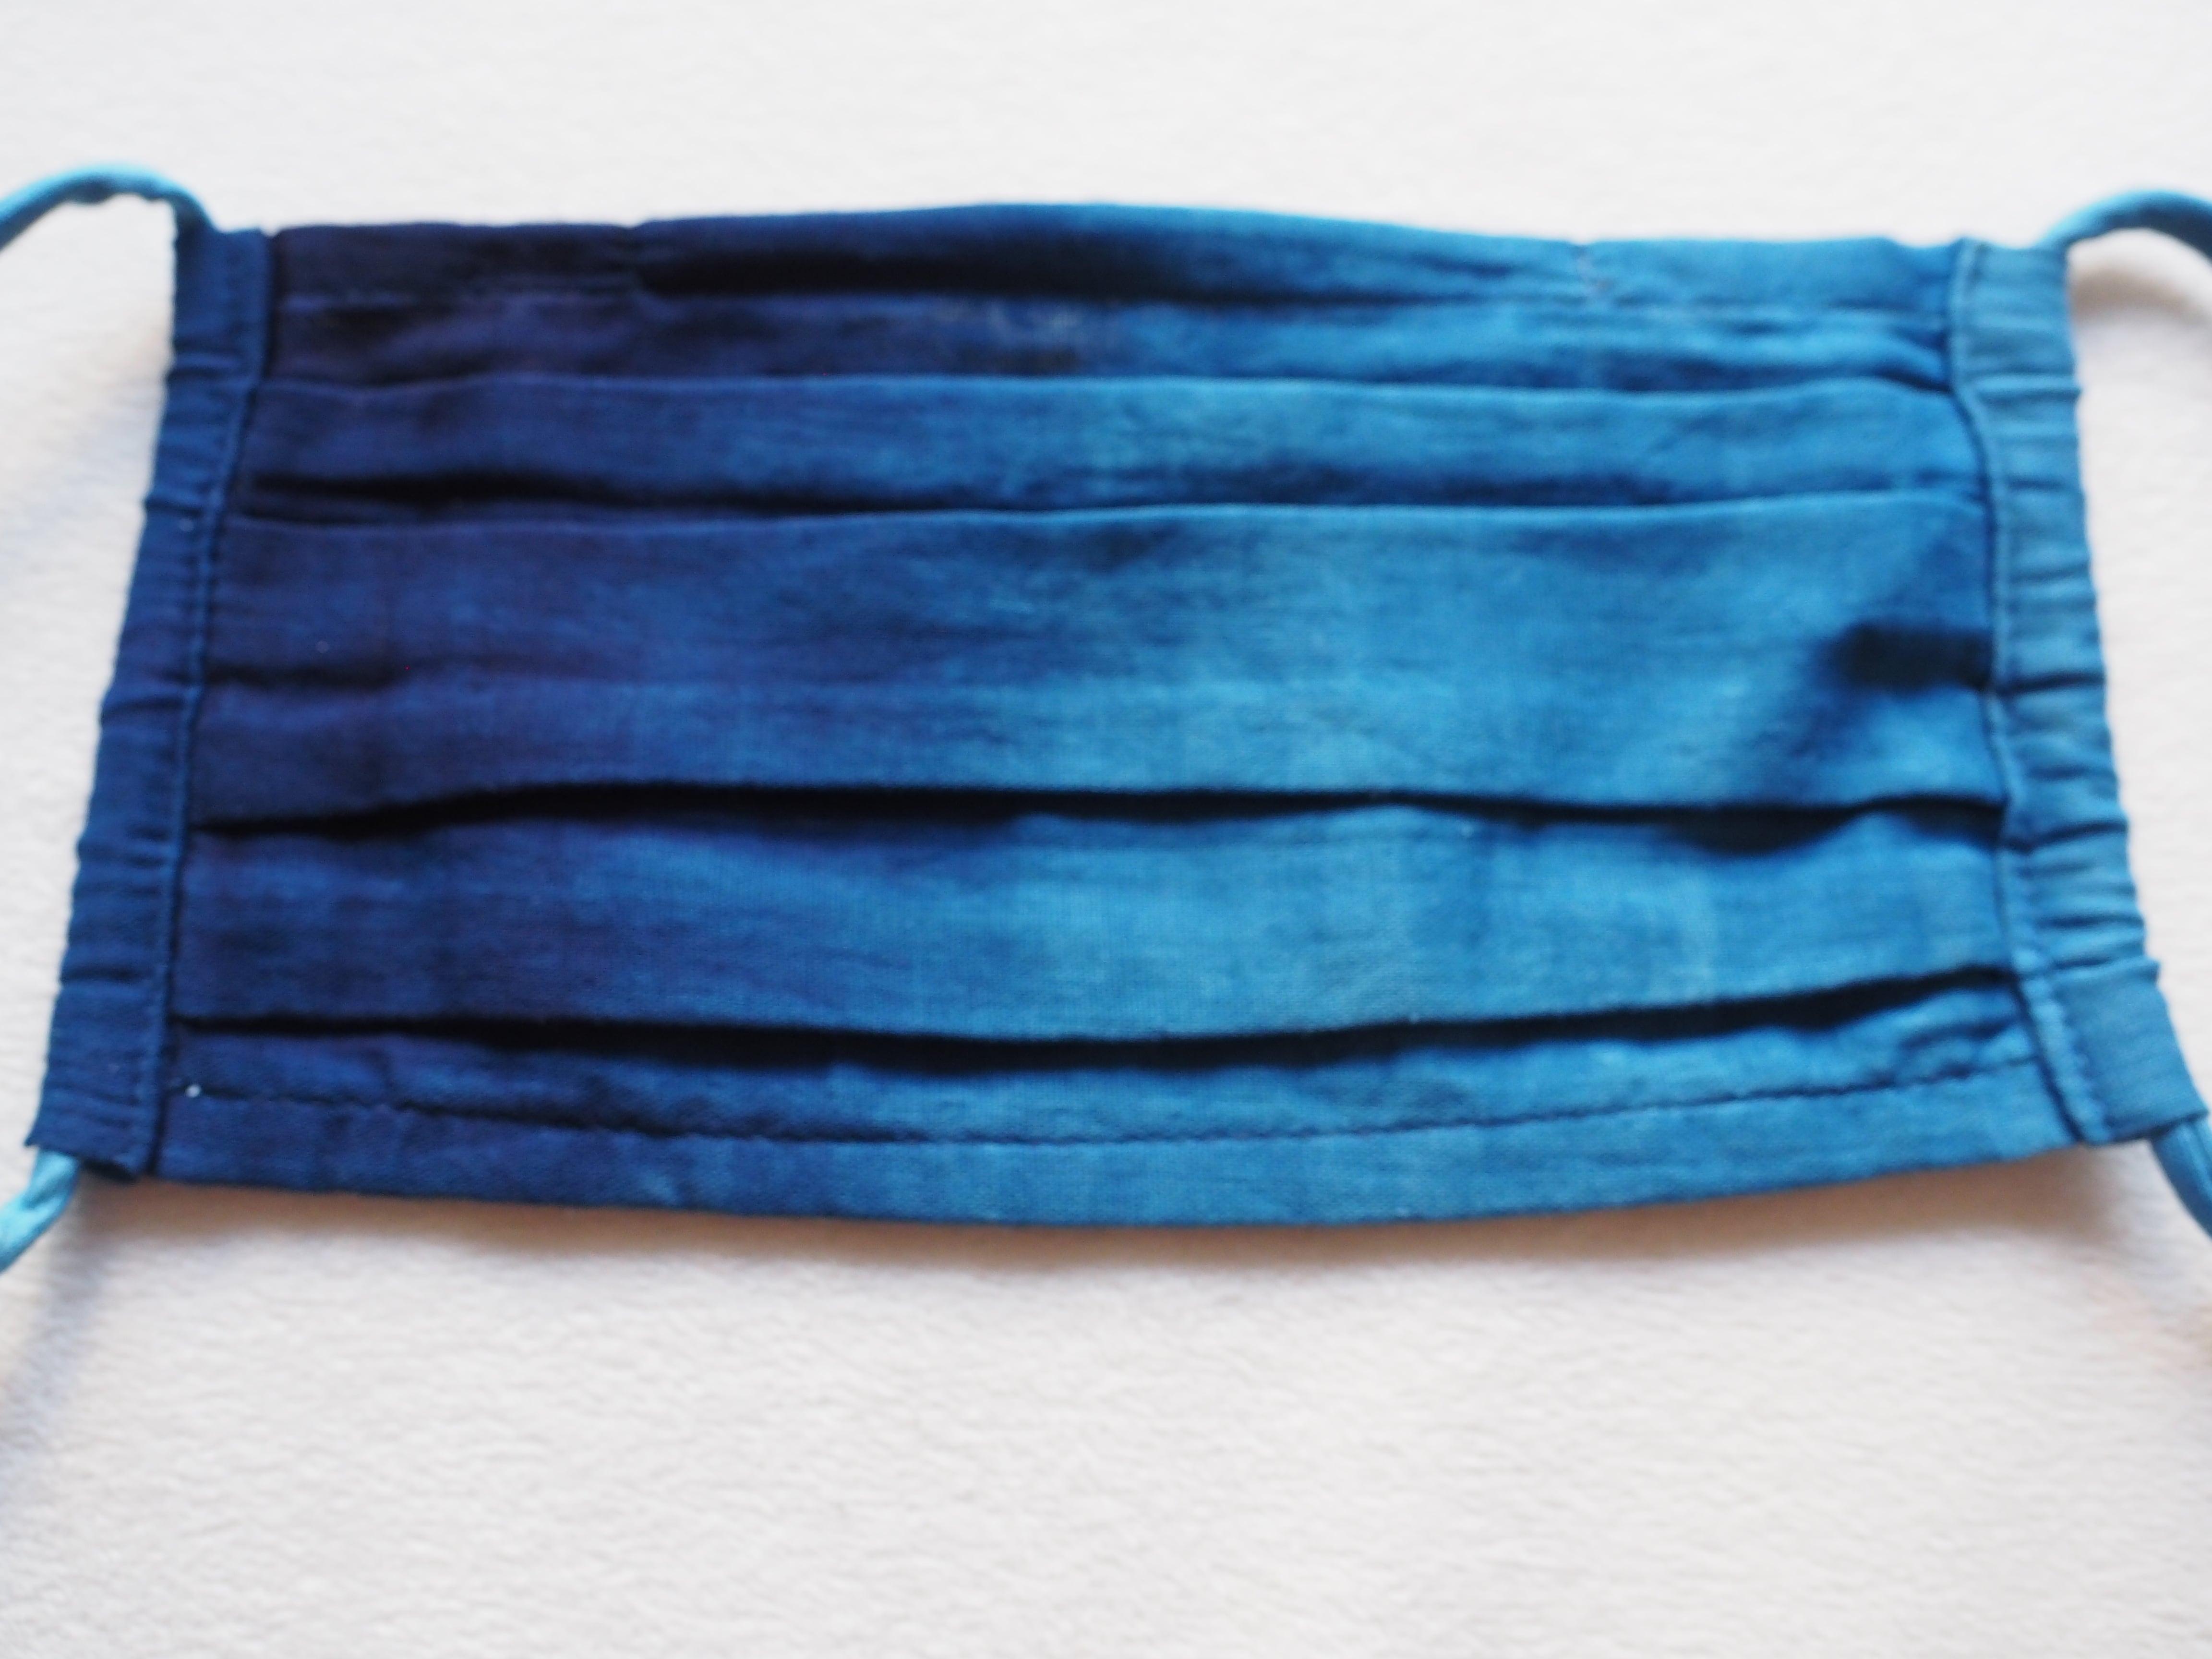 藍染め薄型ガーゼ 納涼プリーツマスク(横グラデーション)